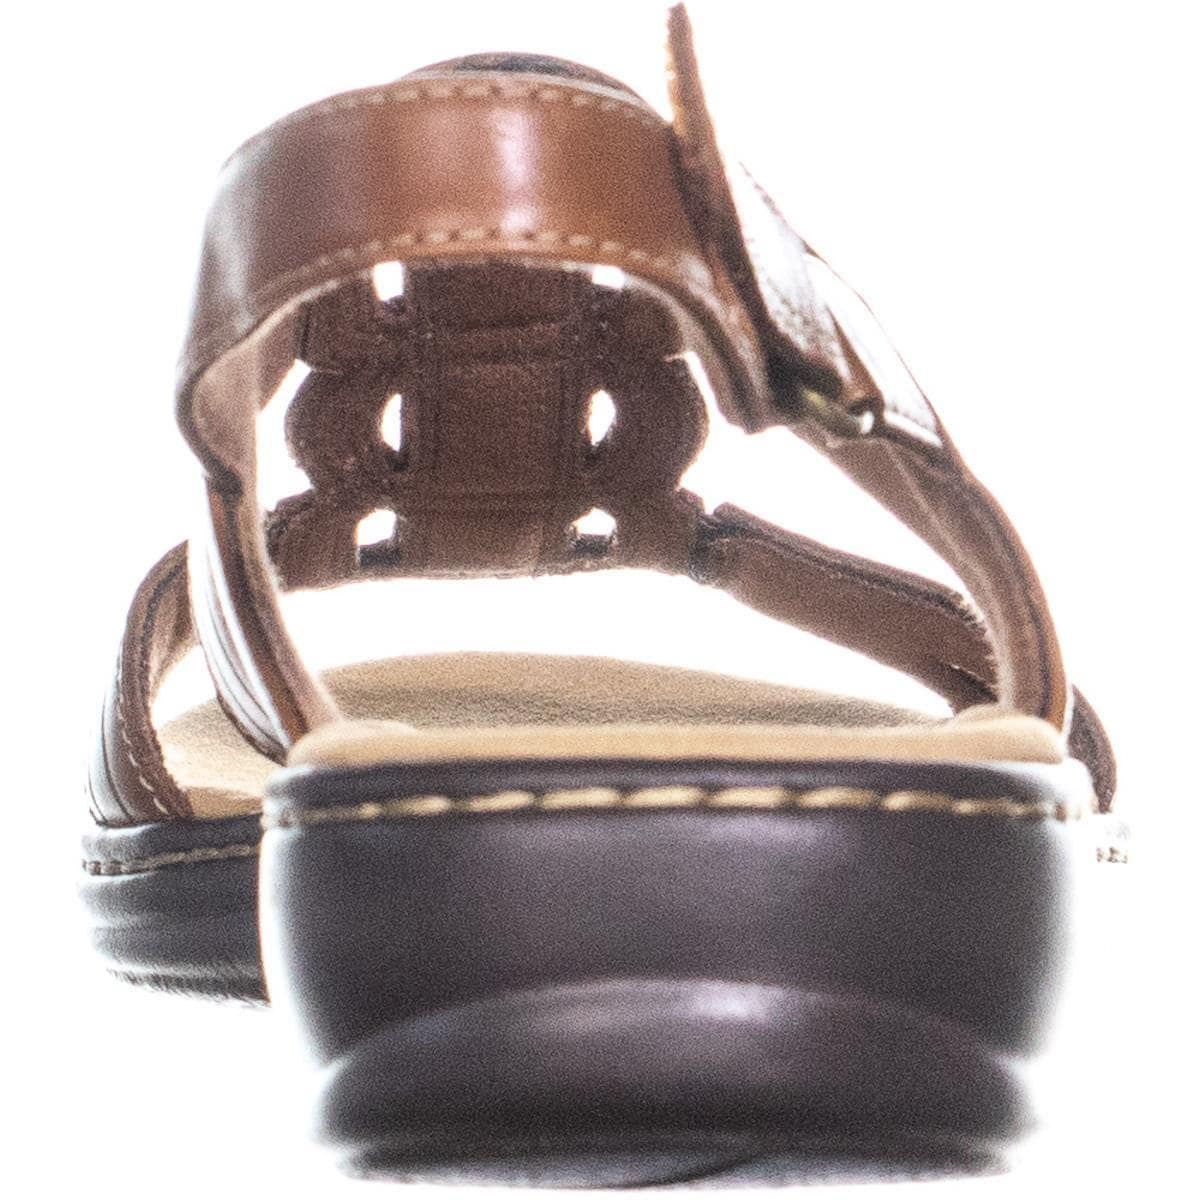 5578731a0d25 Shop Clarks Leisa Vine Caged Sling Back Flat Sandals